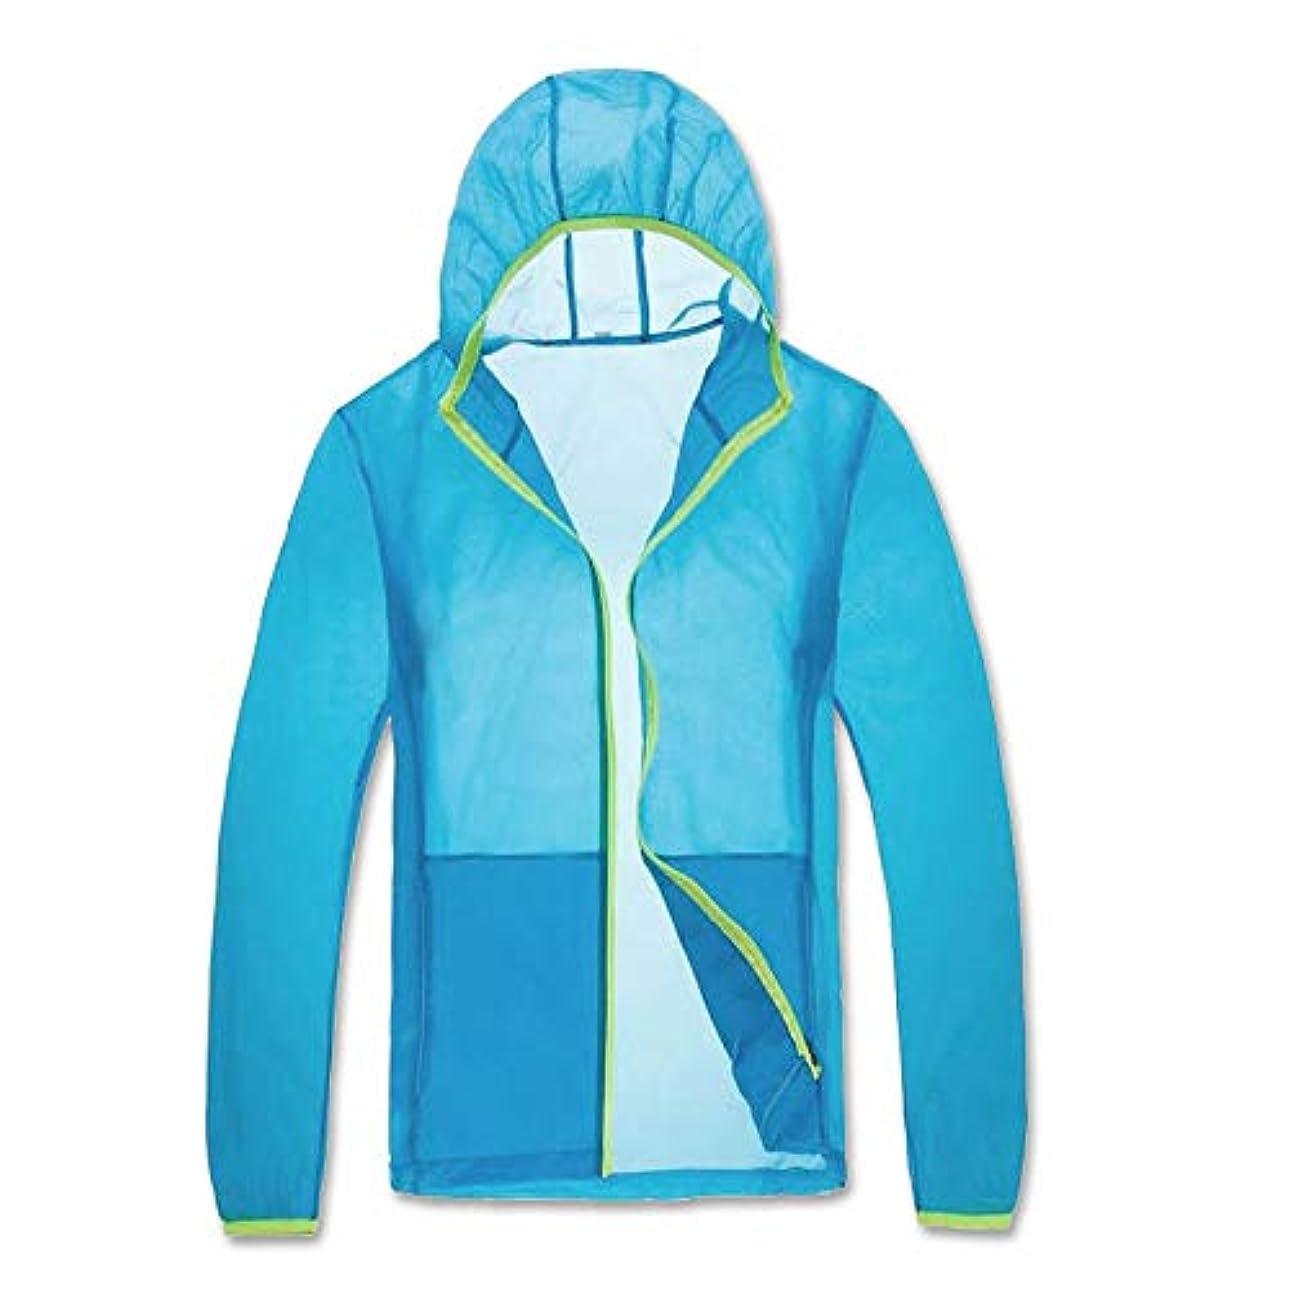 エリートサポート詩人夏のエアコン衣類ファン冷却衣服冷却ジャケット日焼け止め防蚊防水ジャケットスキンコート,Blue,L